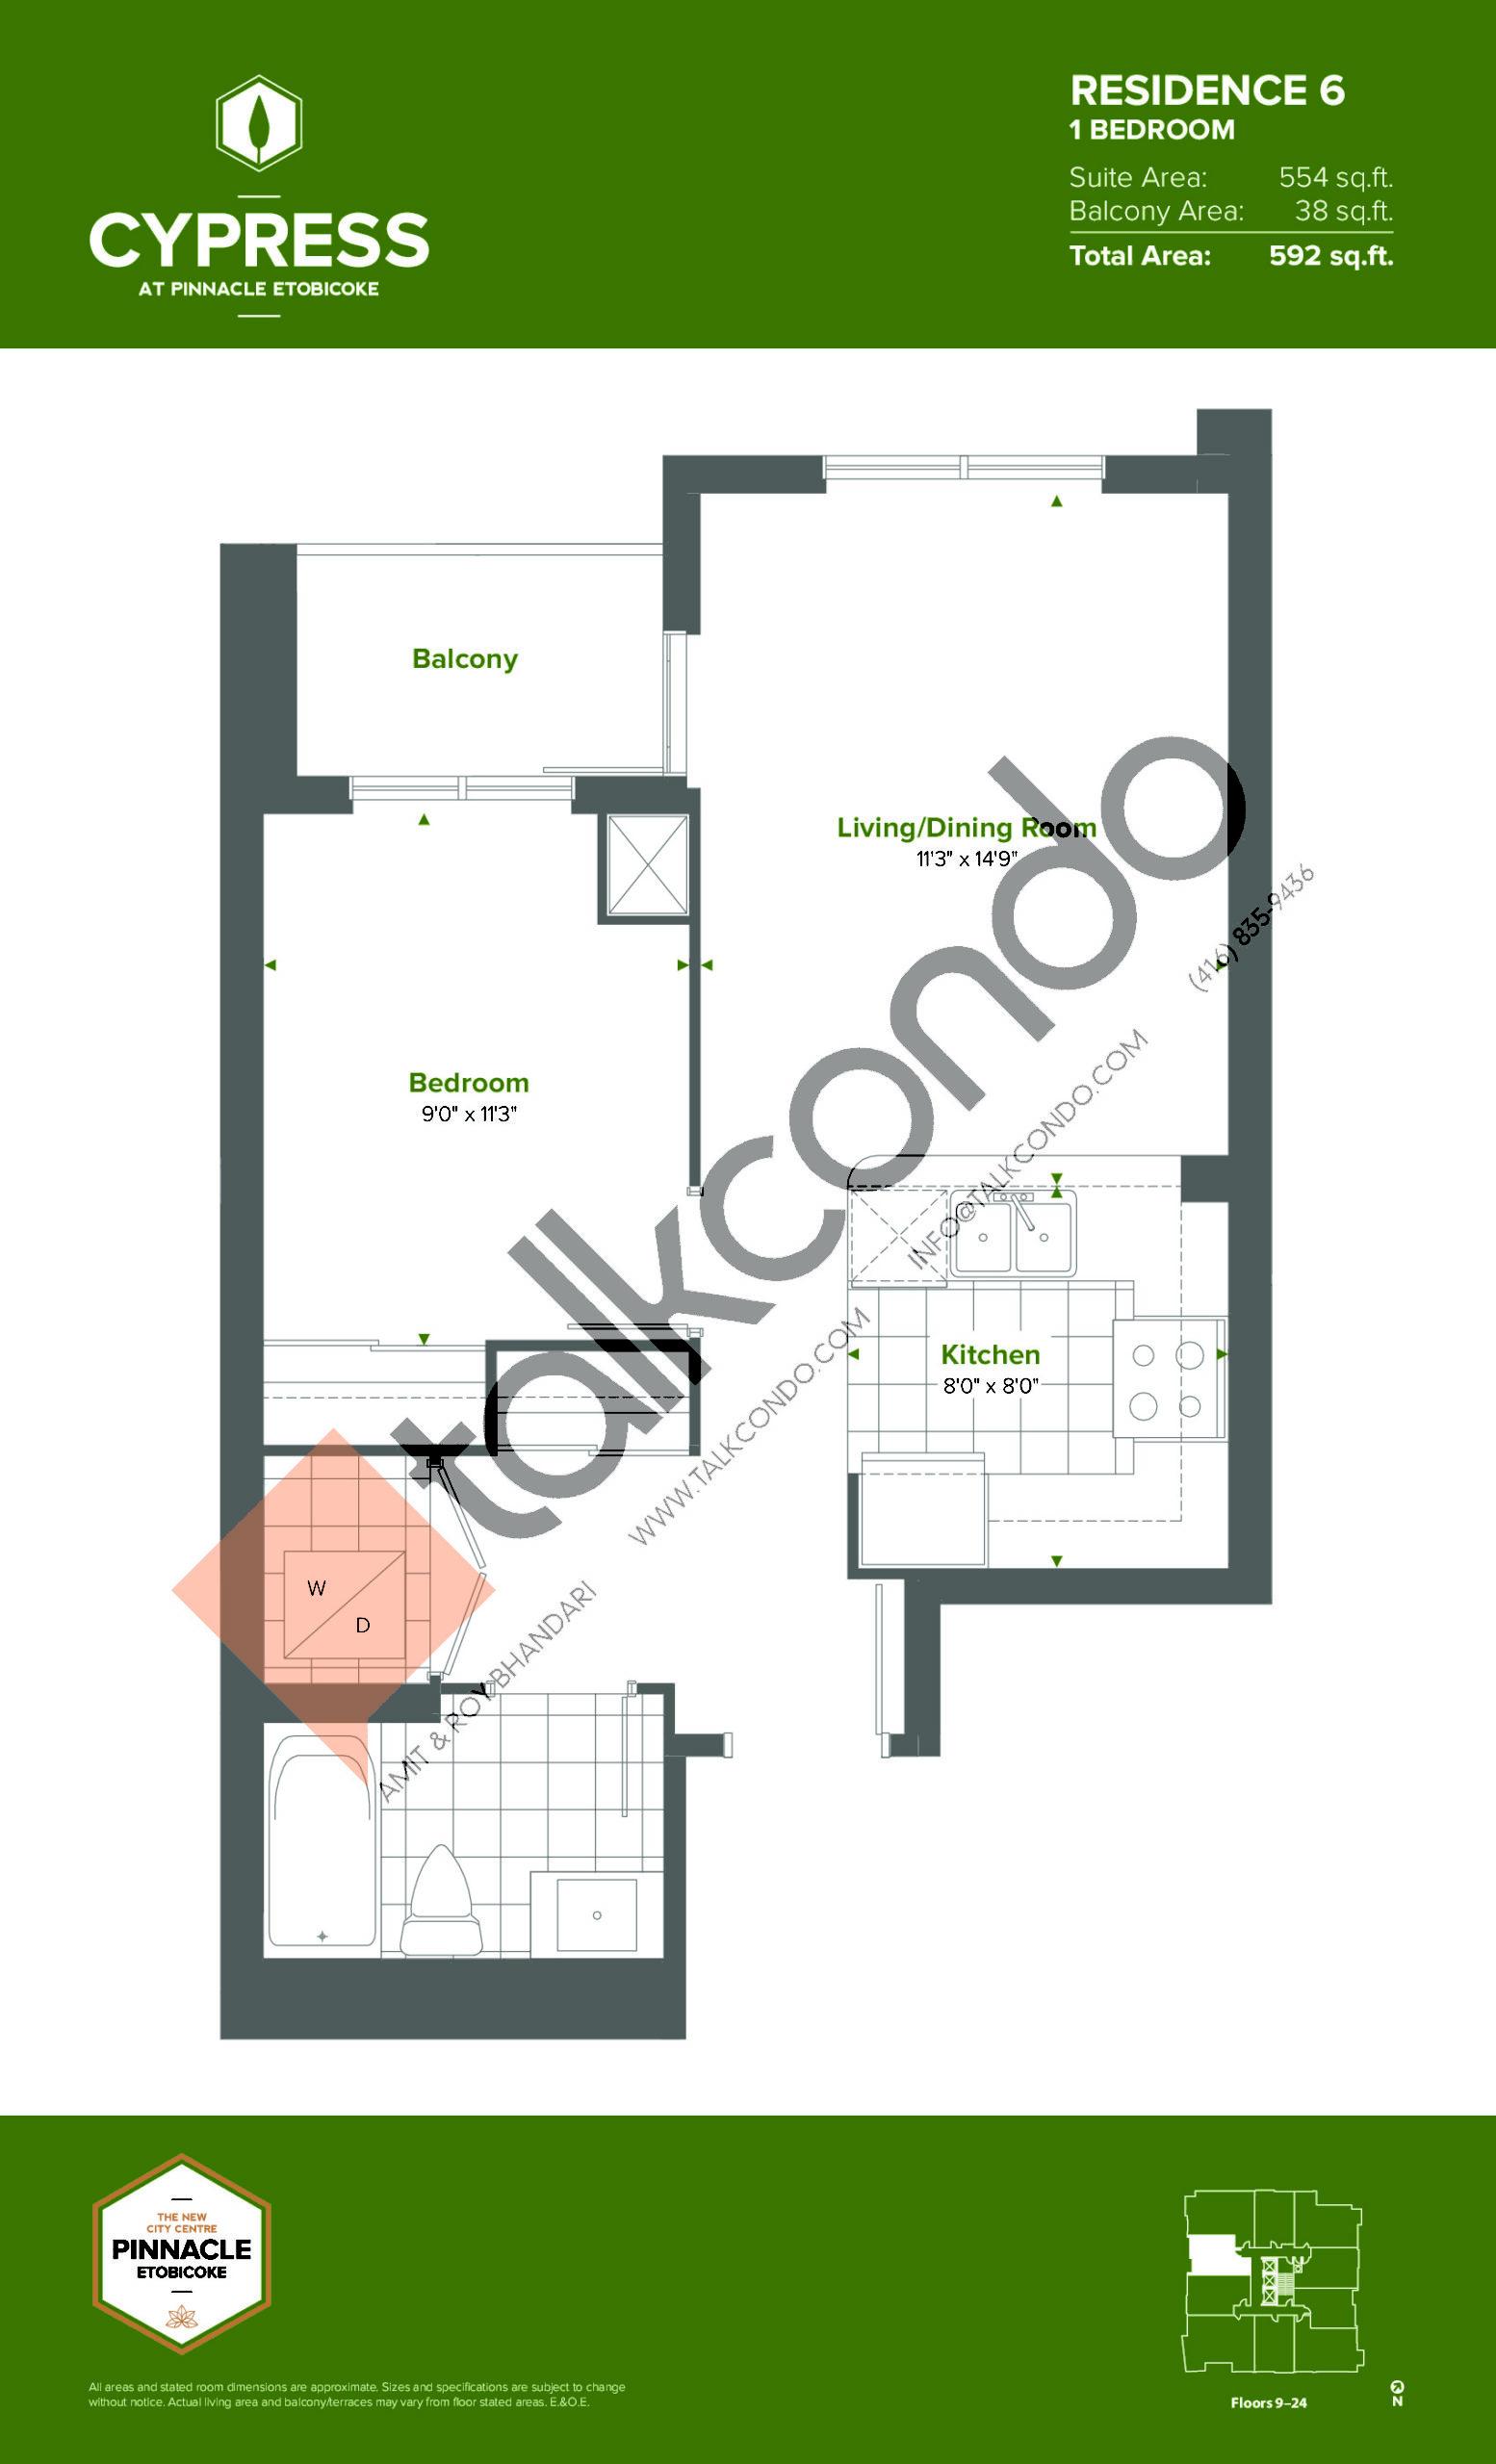 Residence 6 (Tower) Floor Plan at Cypress at Pinnacle Etobicoke - 554 sq.ft